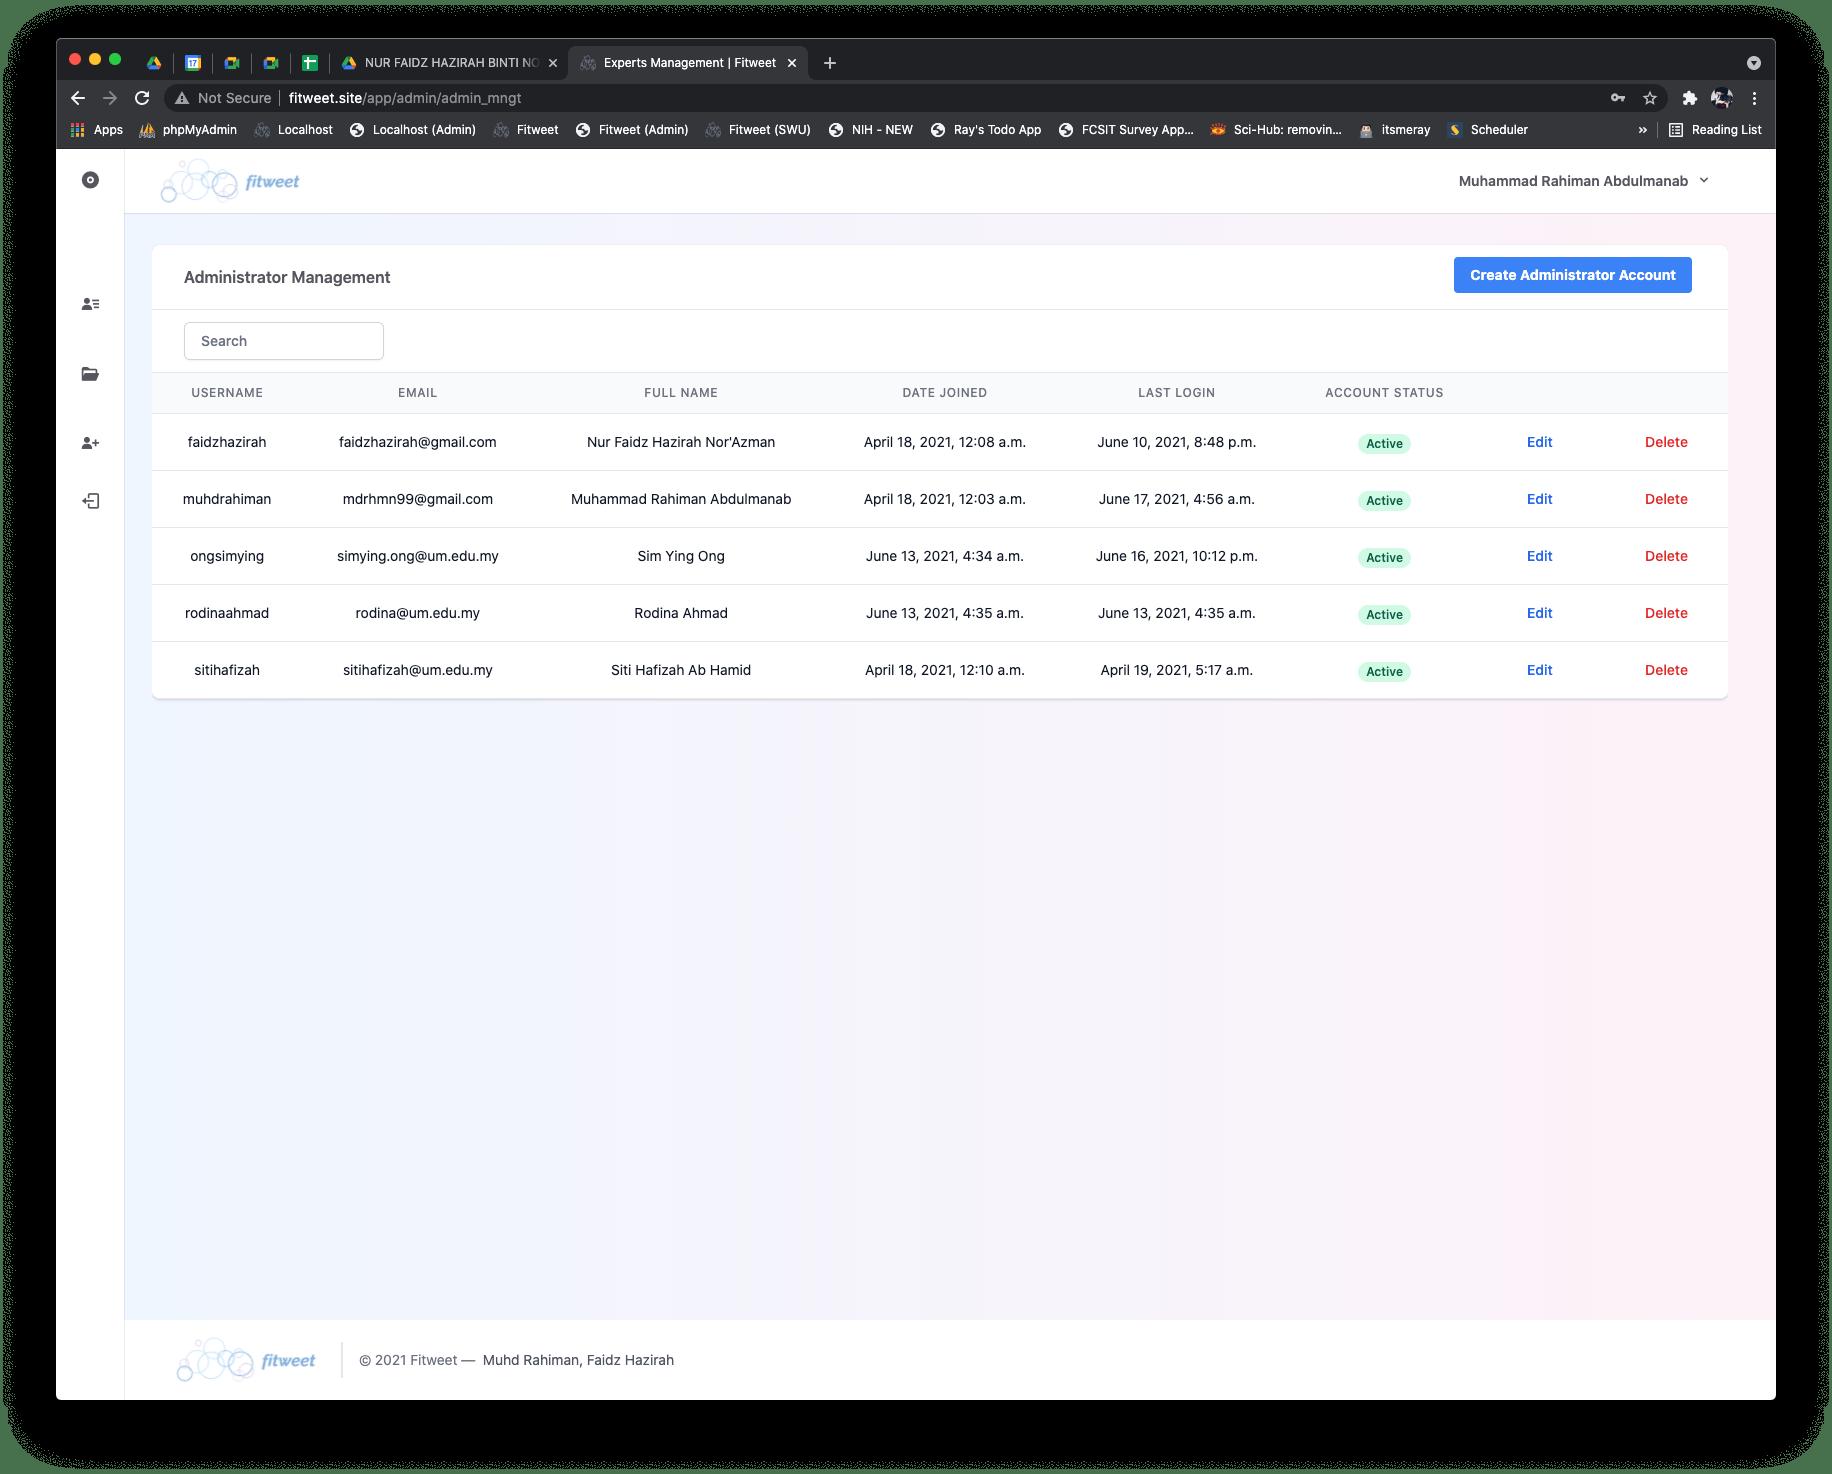 Screenshot 2021-06-17 at 4.56.16 AM.png